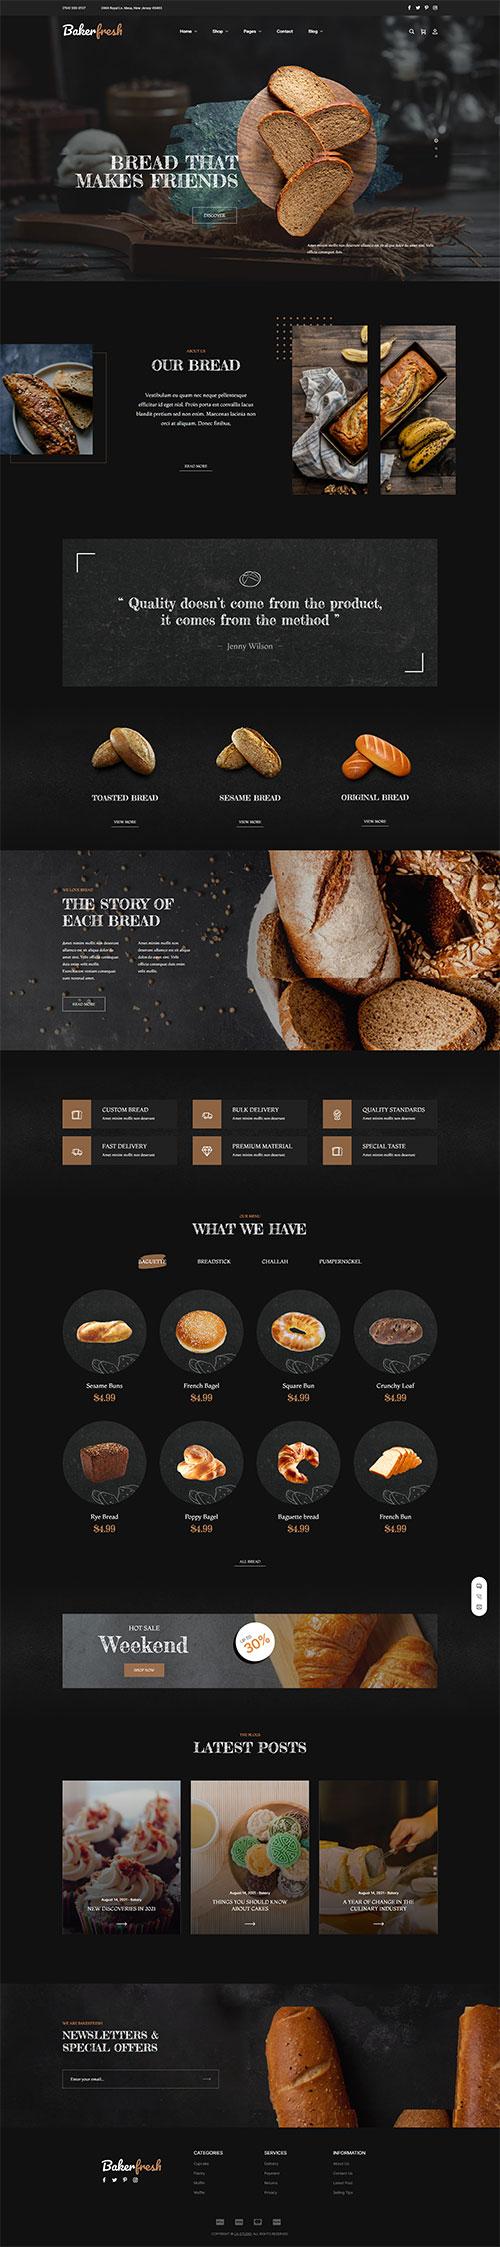 Mẫu-web-Tiệm-bánh-đồ-ăn-nhanh--Cake-shop-08